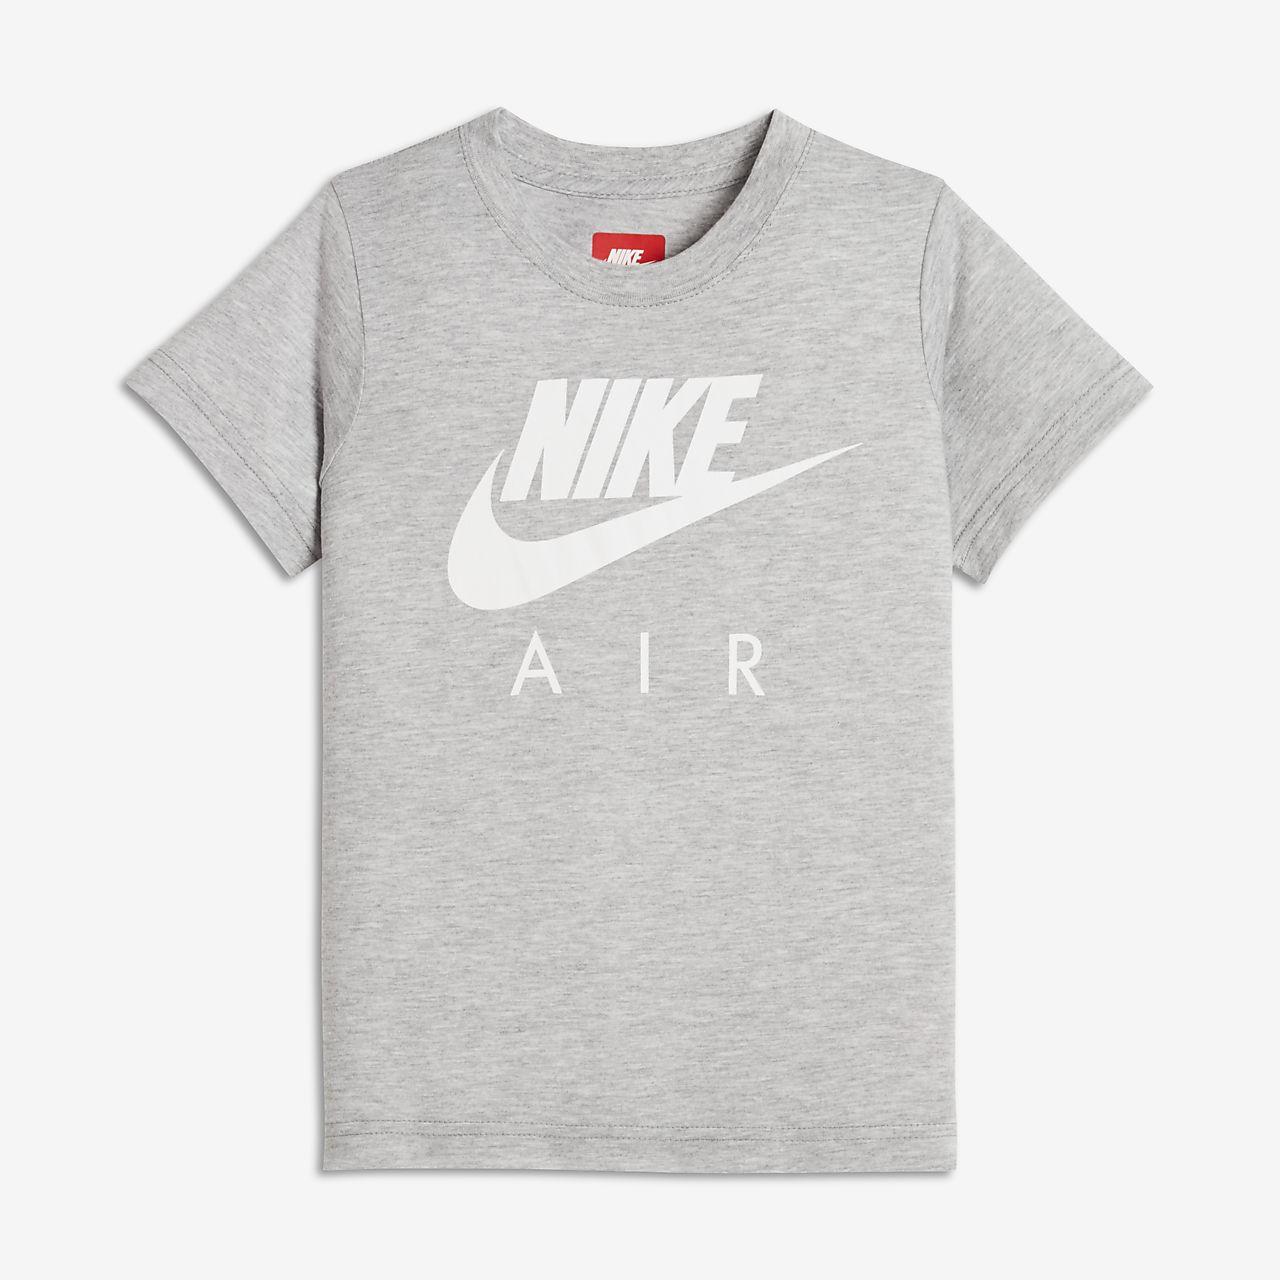 T-shirt dla małych dzieci (chłopców) Nike Air Hybrid